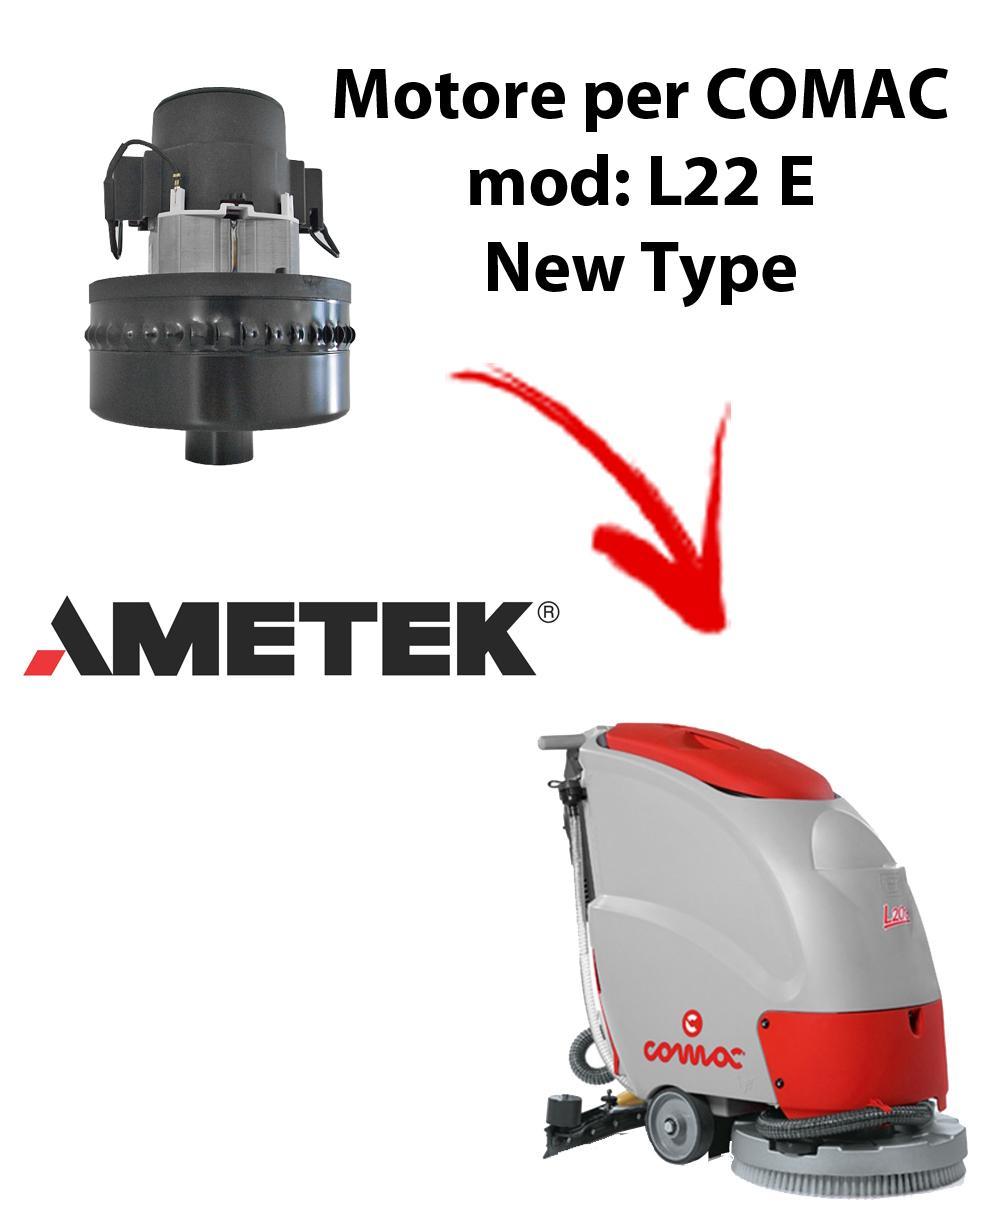 L22E New Type Motore aspirazione AMETEK  per lavapavimenti Comac